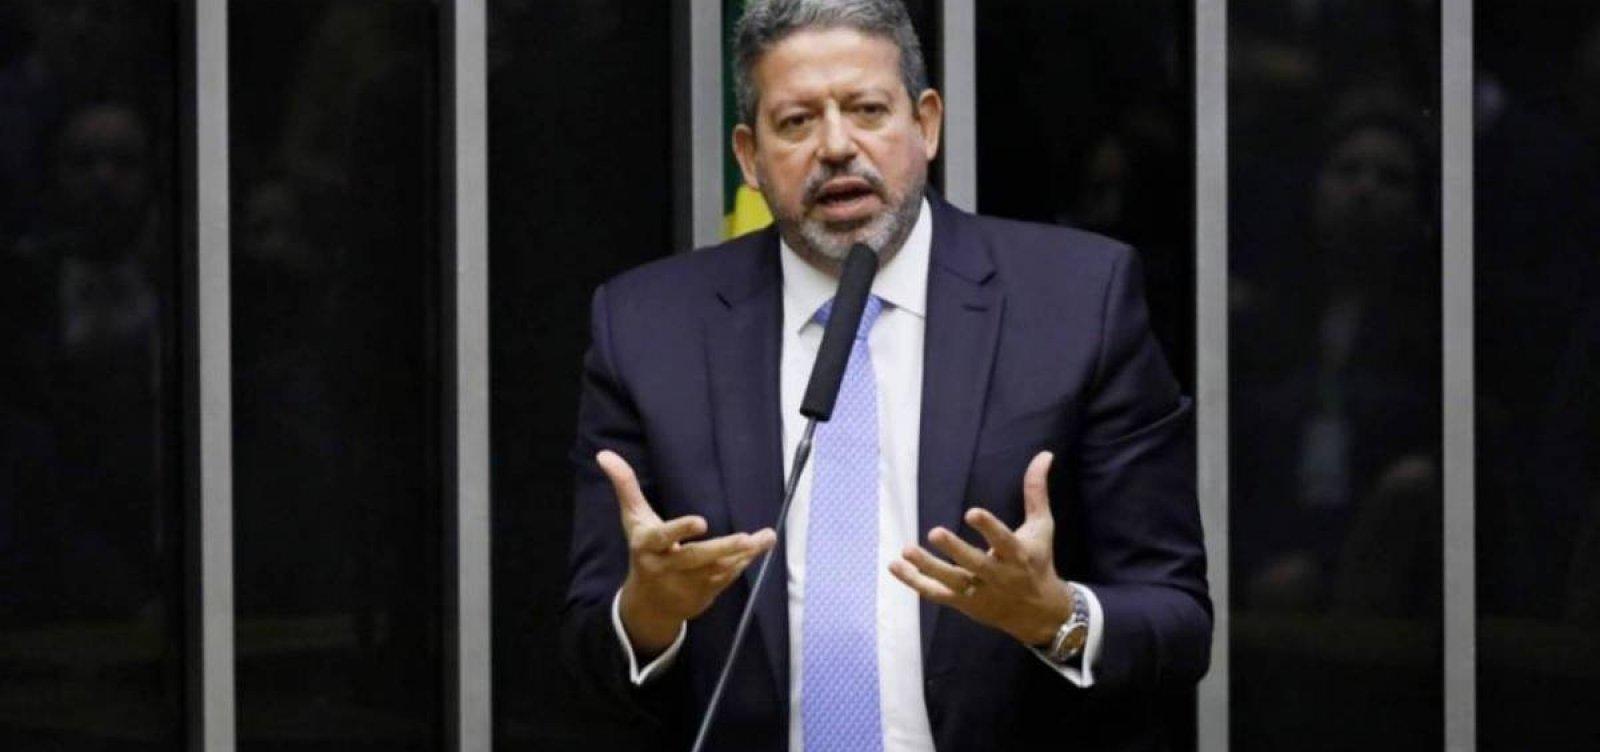 [Presidente da Câmara diz que vai conduzir análise da prisão de Daniel Silveira com 'serenidade e consciência']